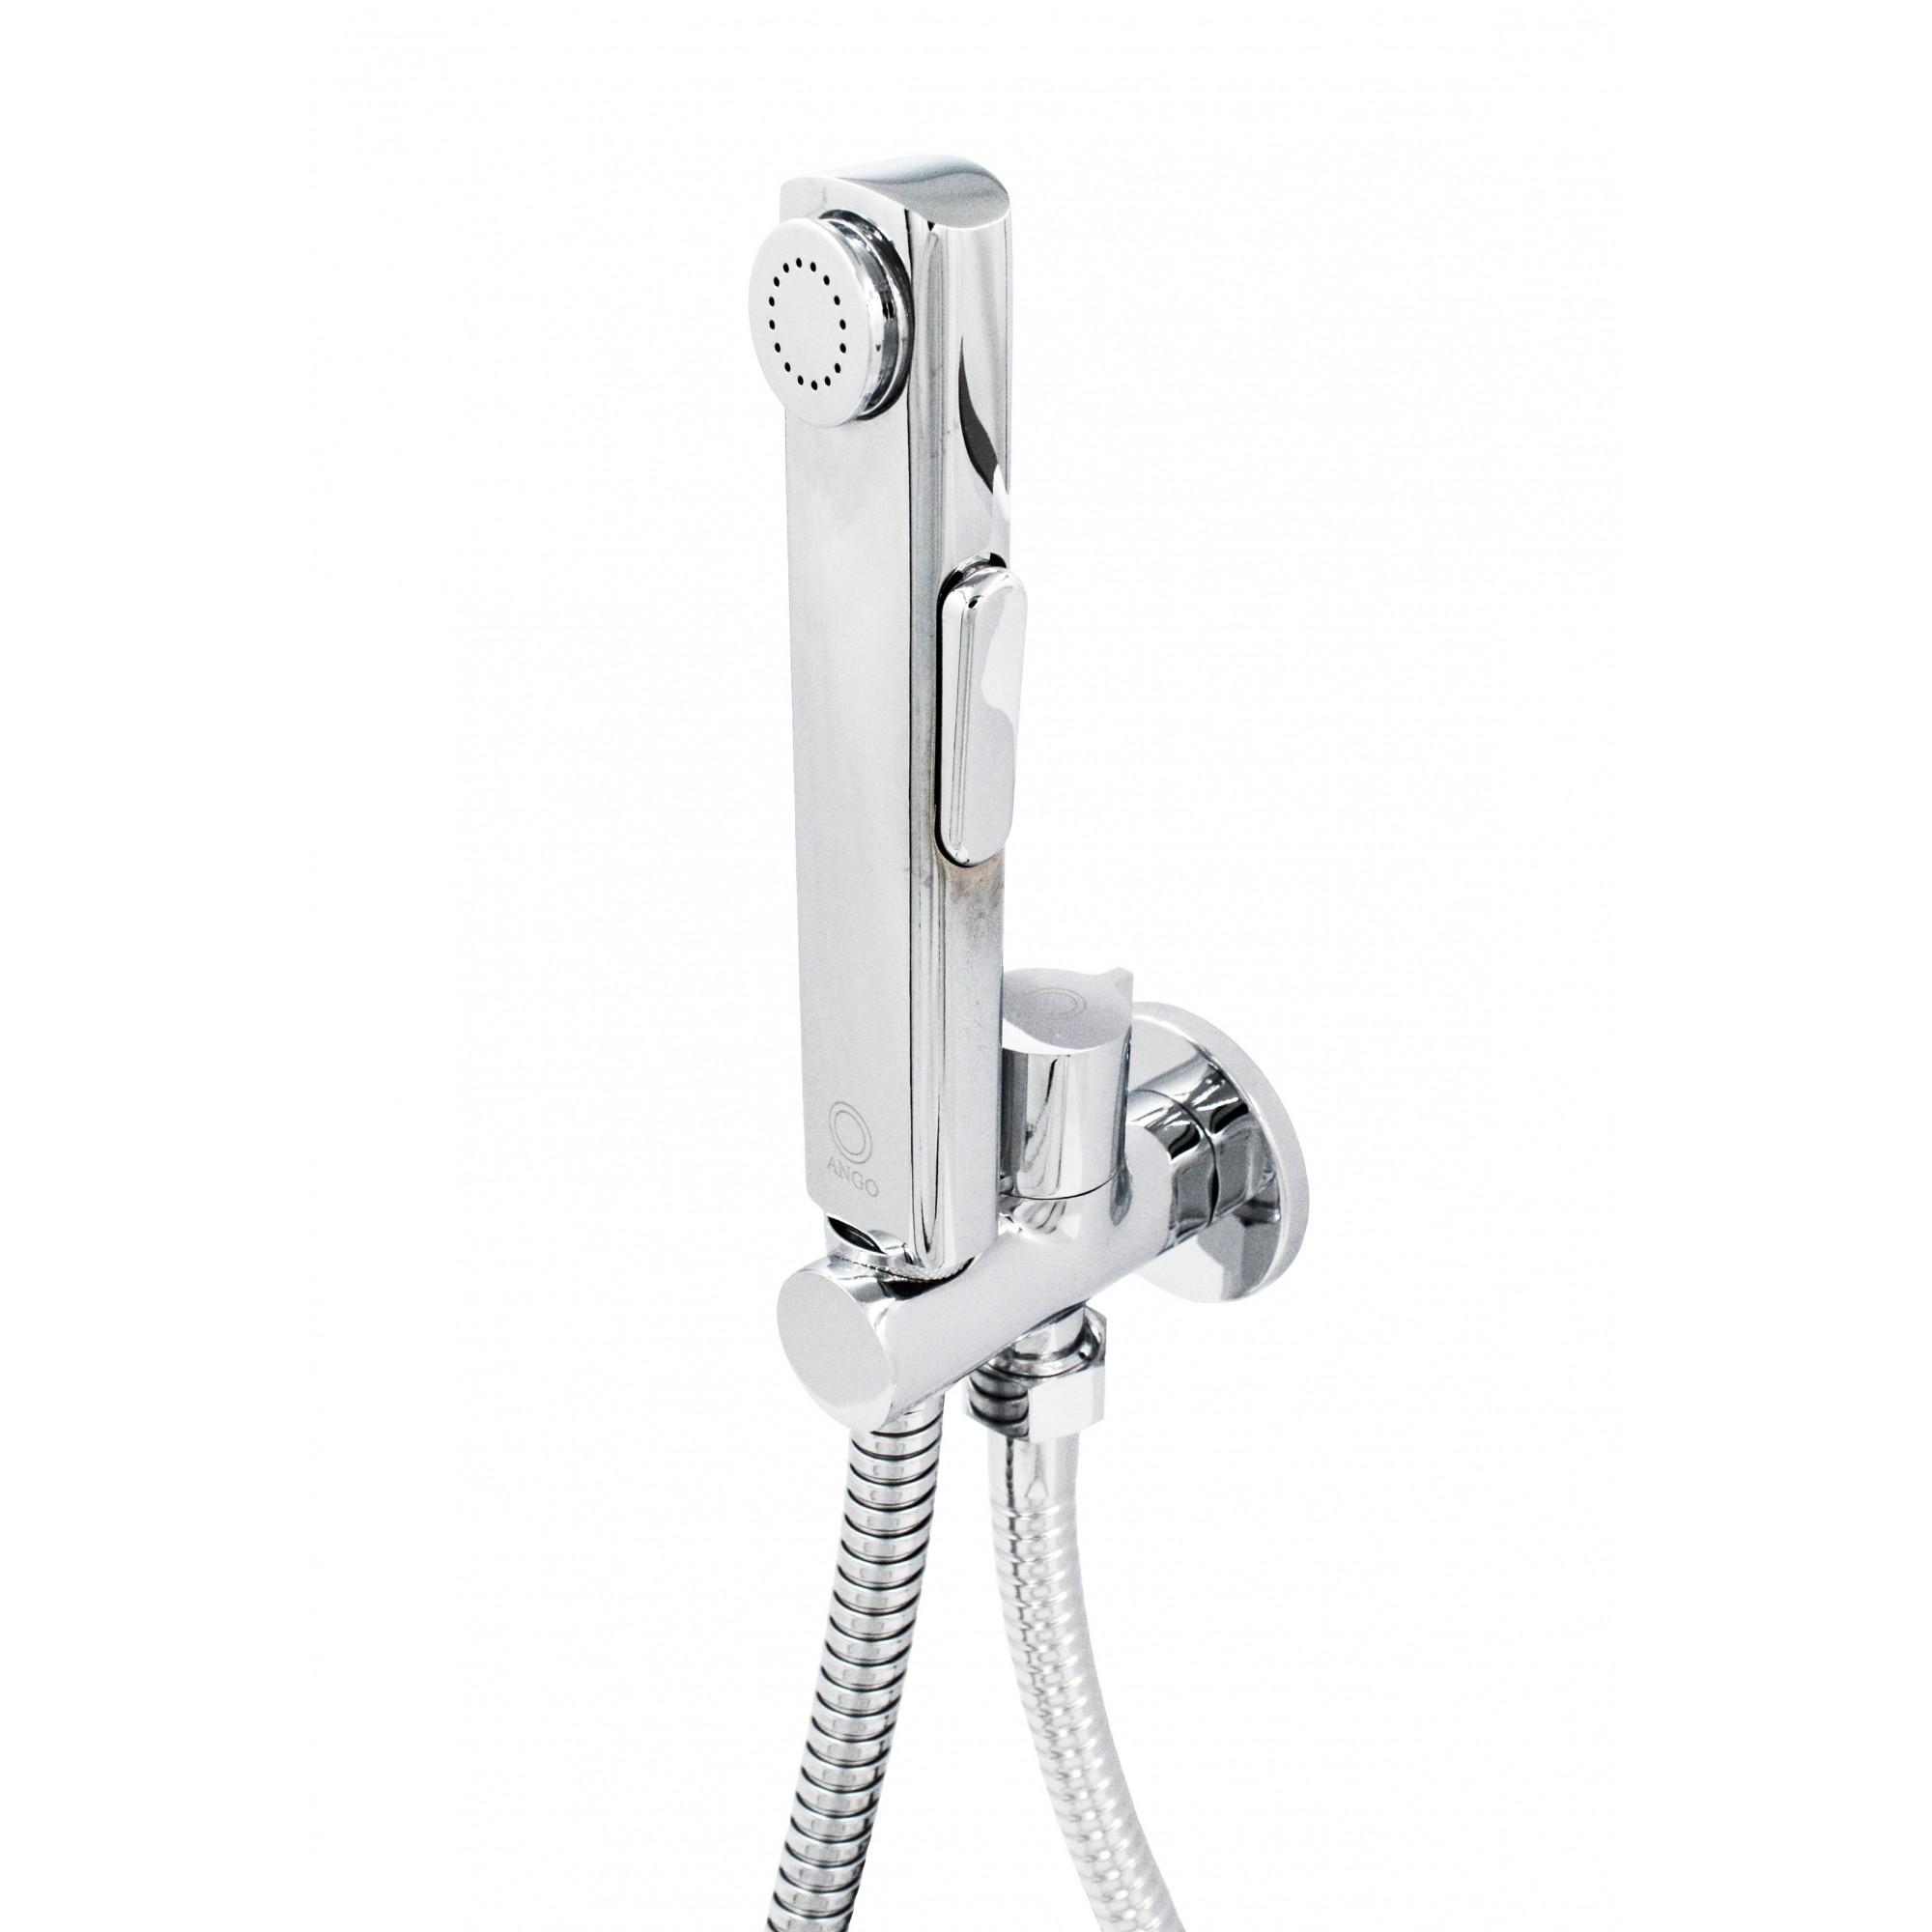 Комплект для биде ANGO SET-25 держатель проходной, шланг, лейка для биде ANGO